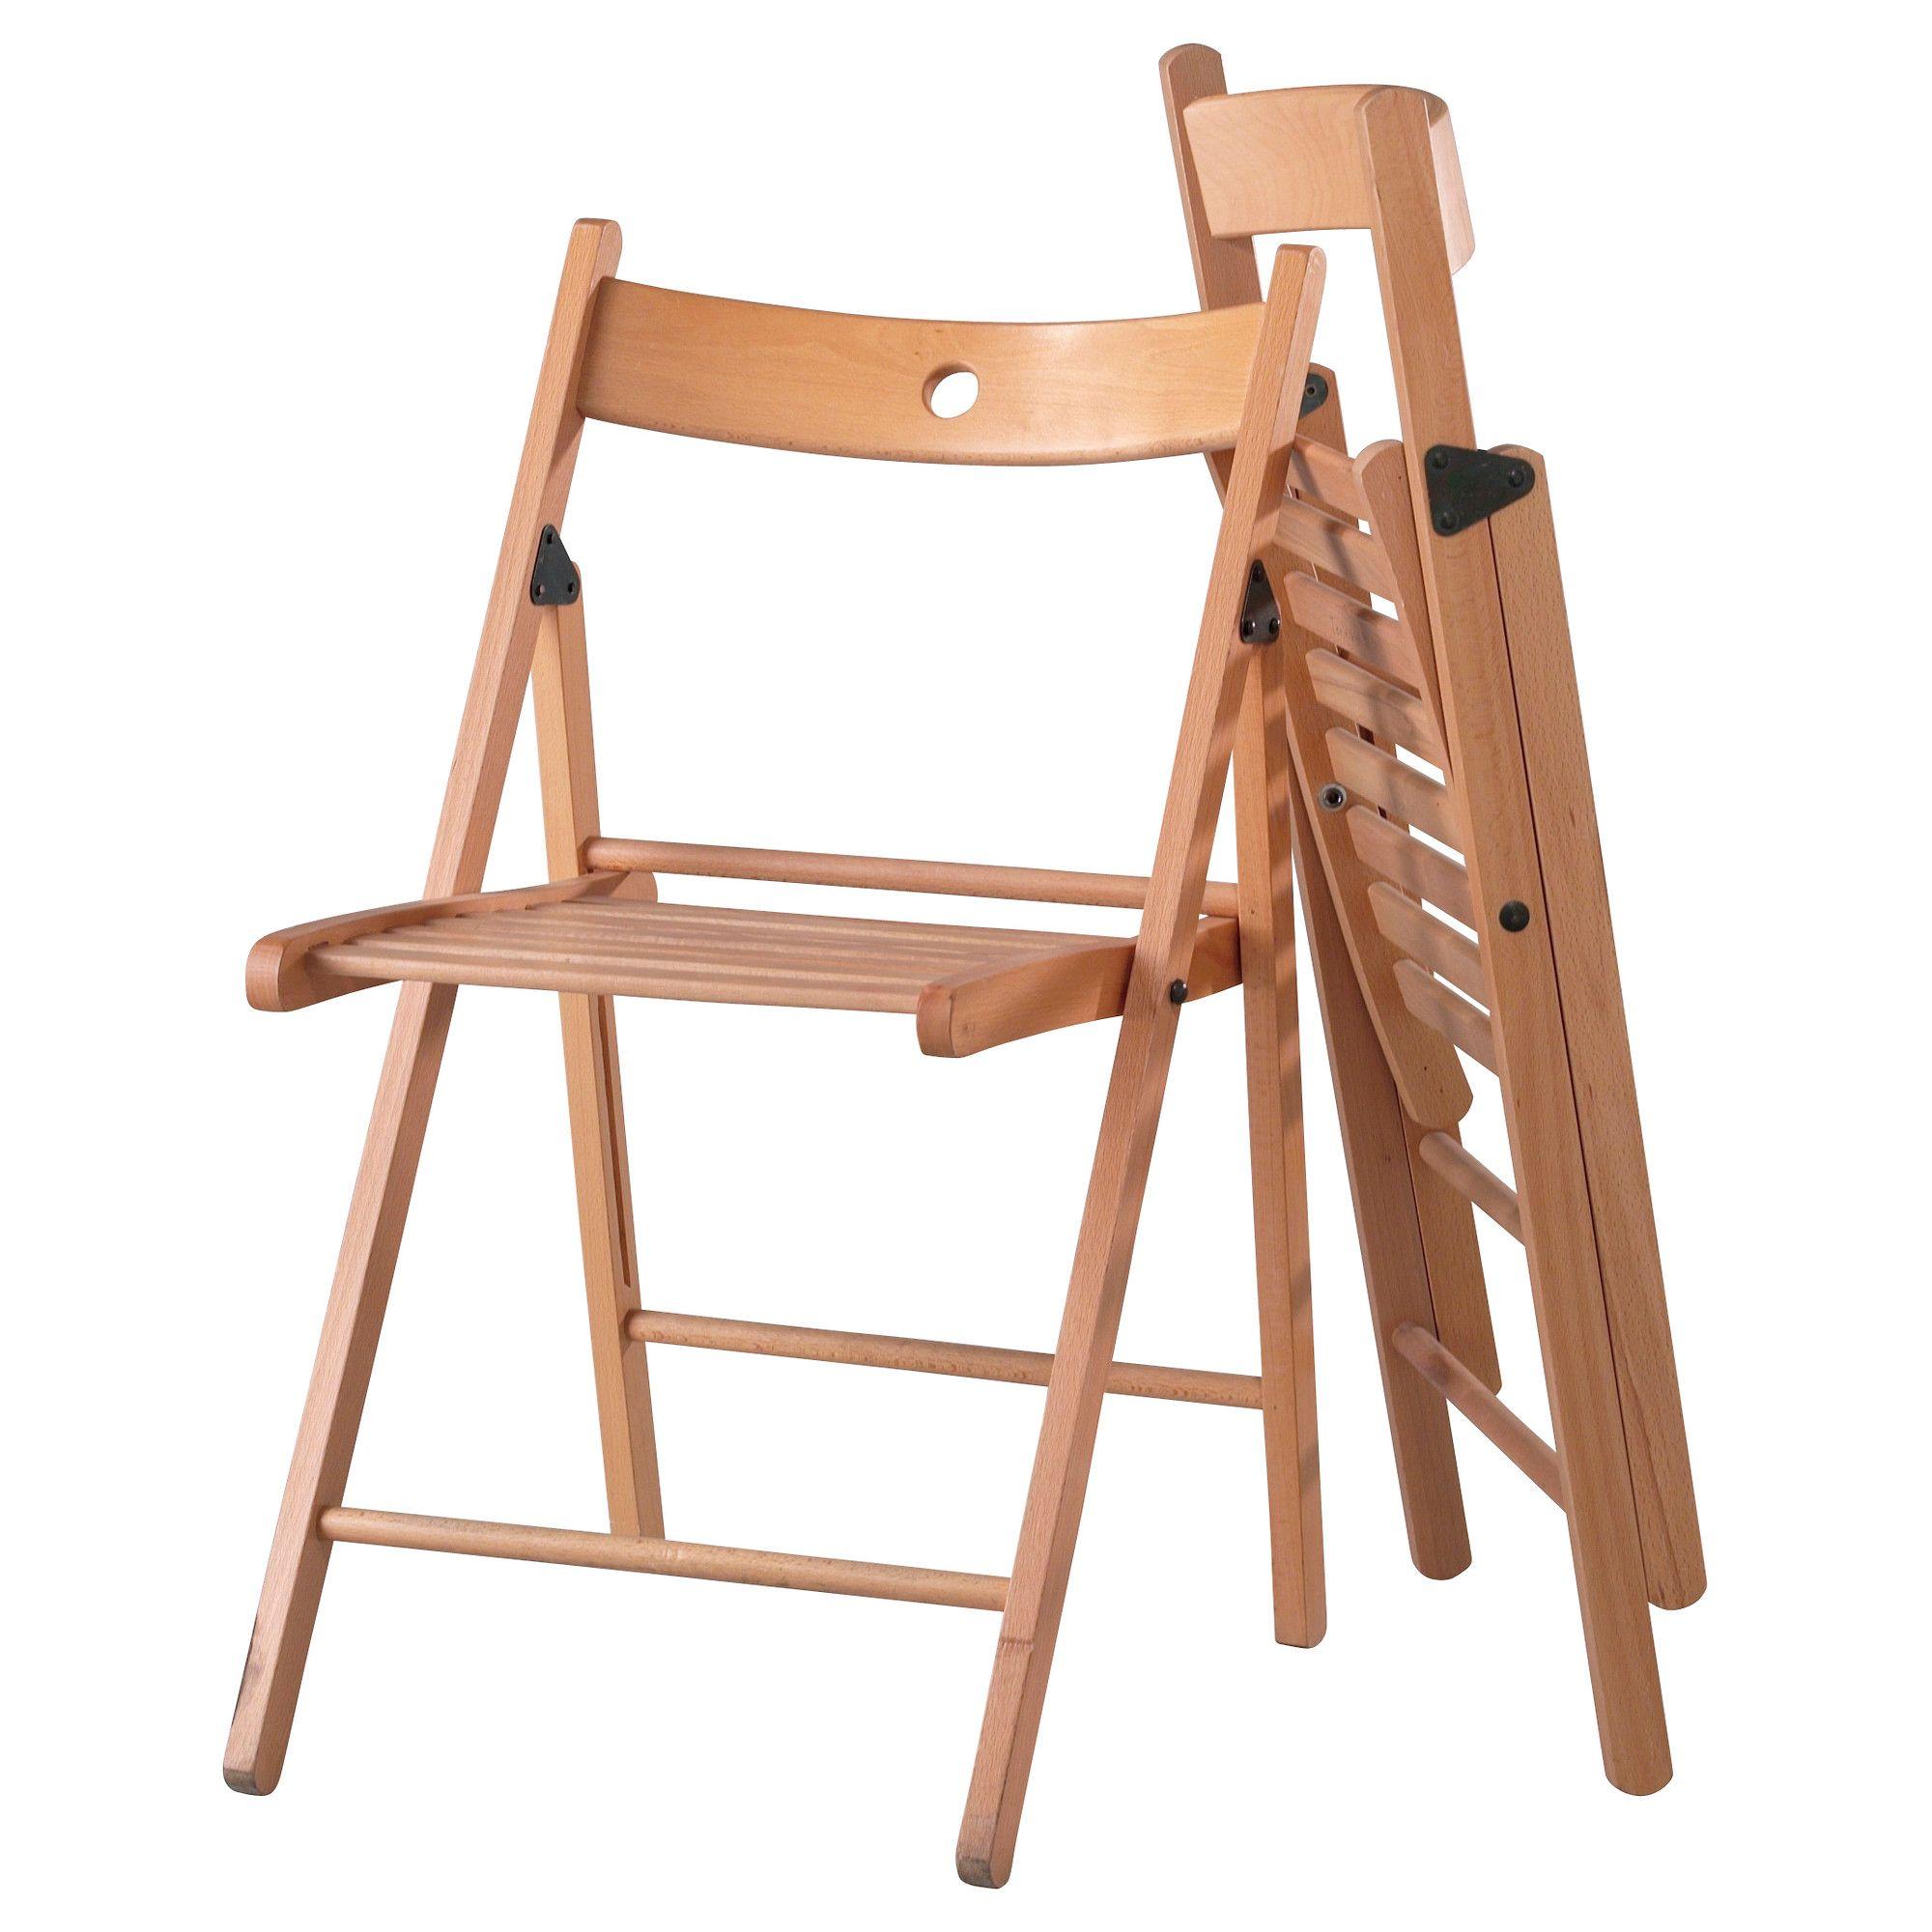 Terje Folding Chair Beech Ikea Ikea Folding Chairs Wooden Folding Chairs Folding Chair